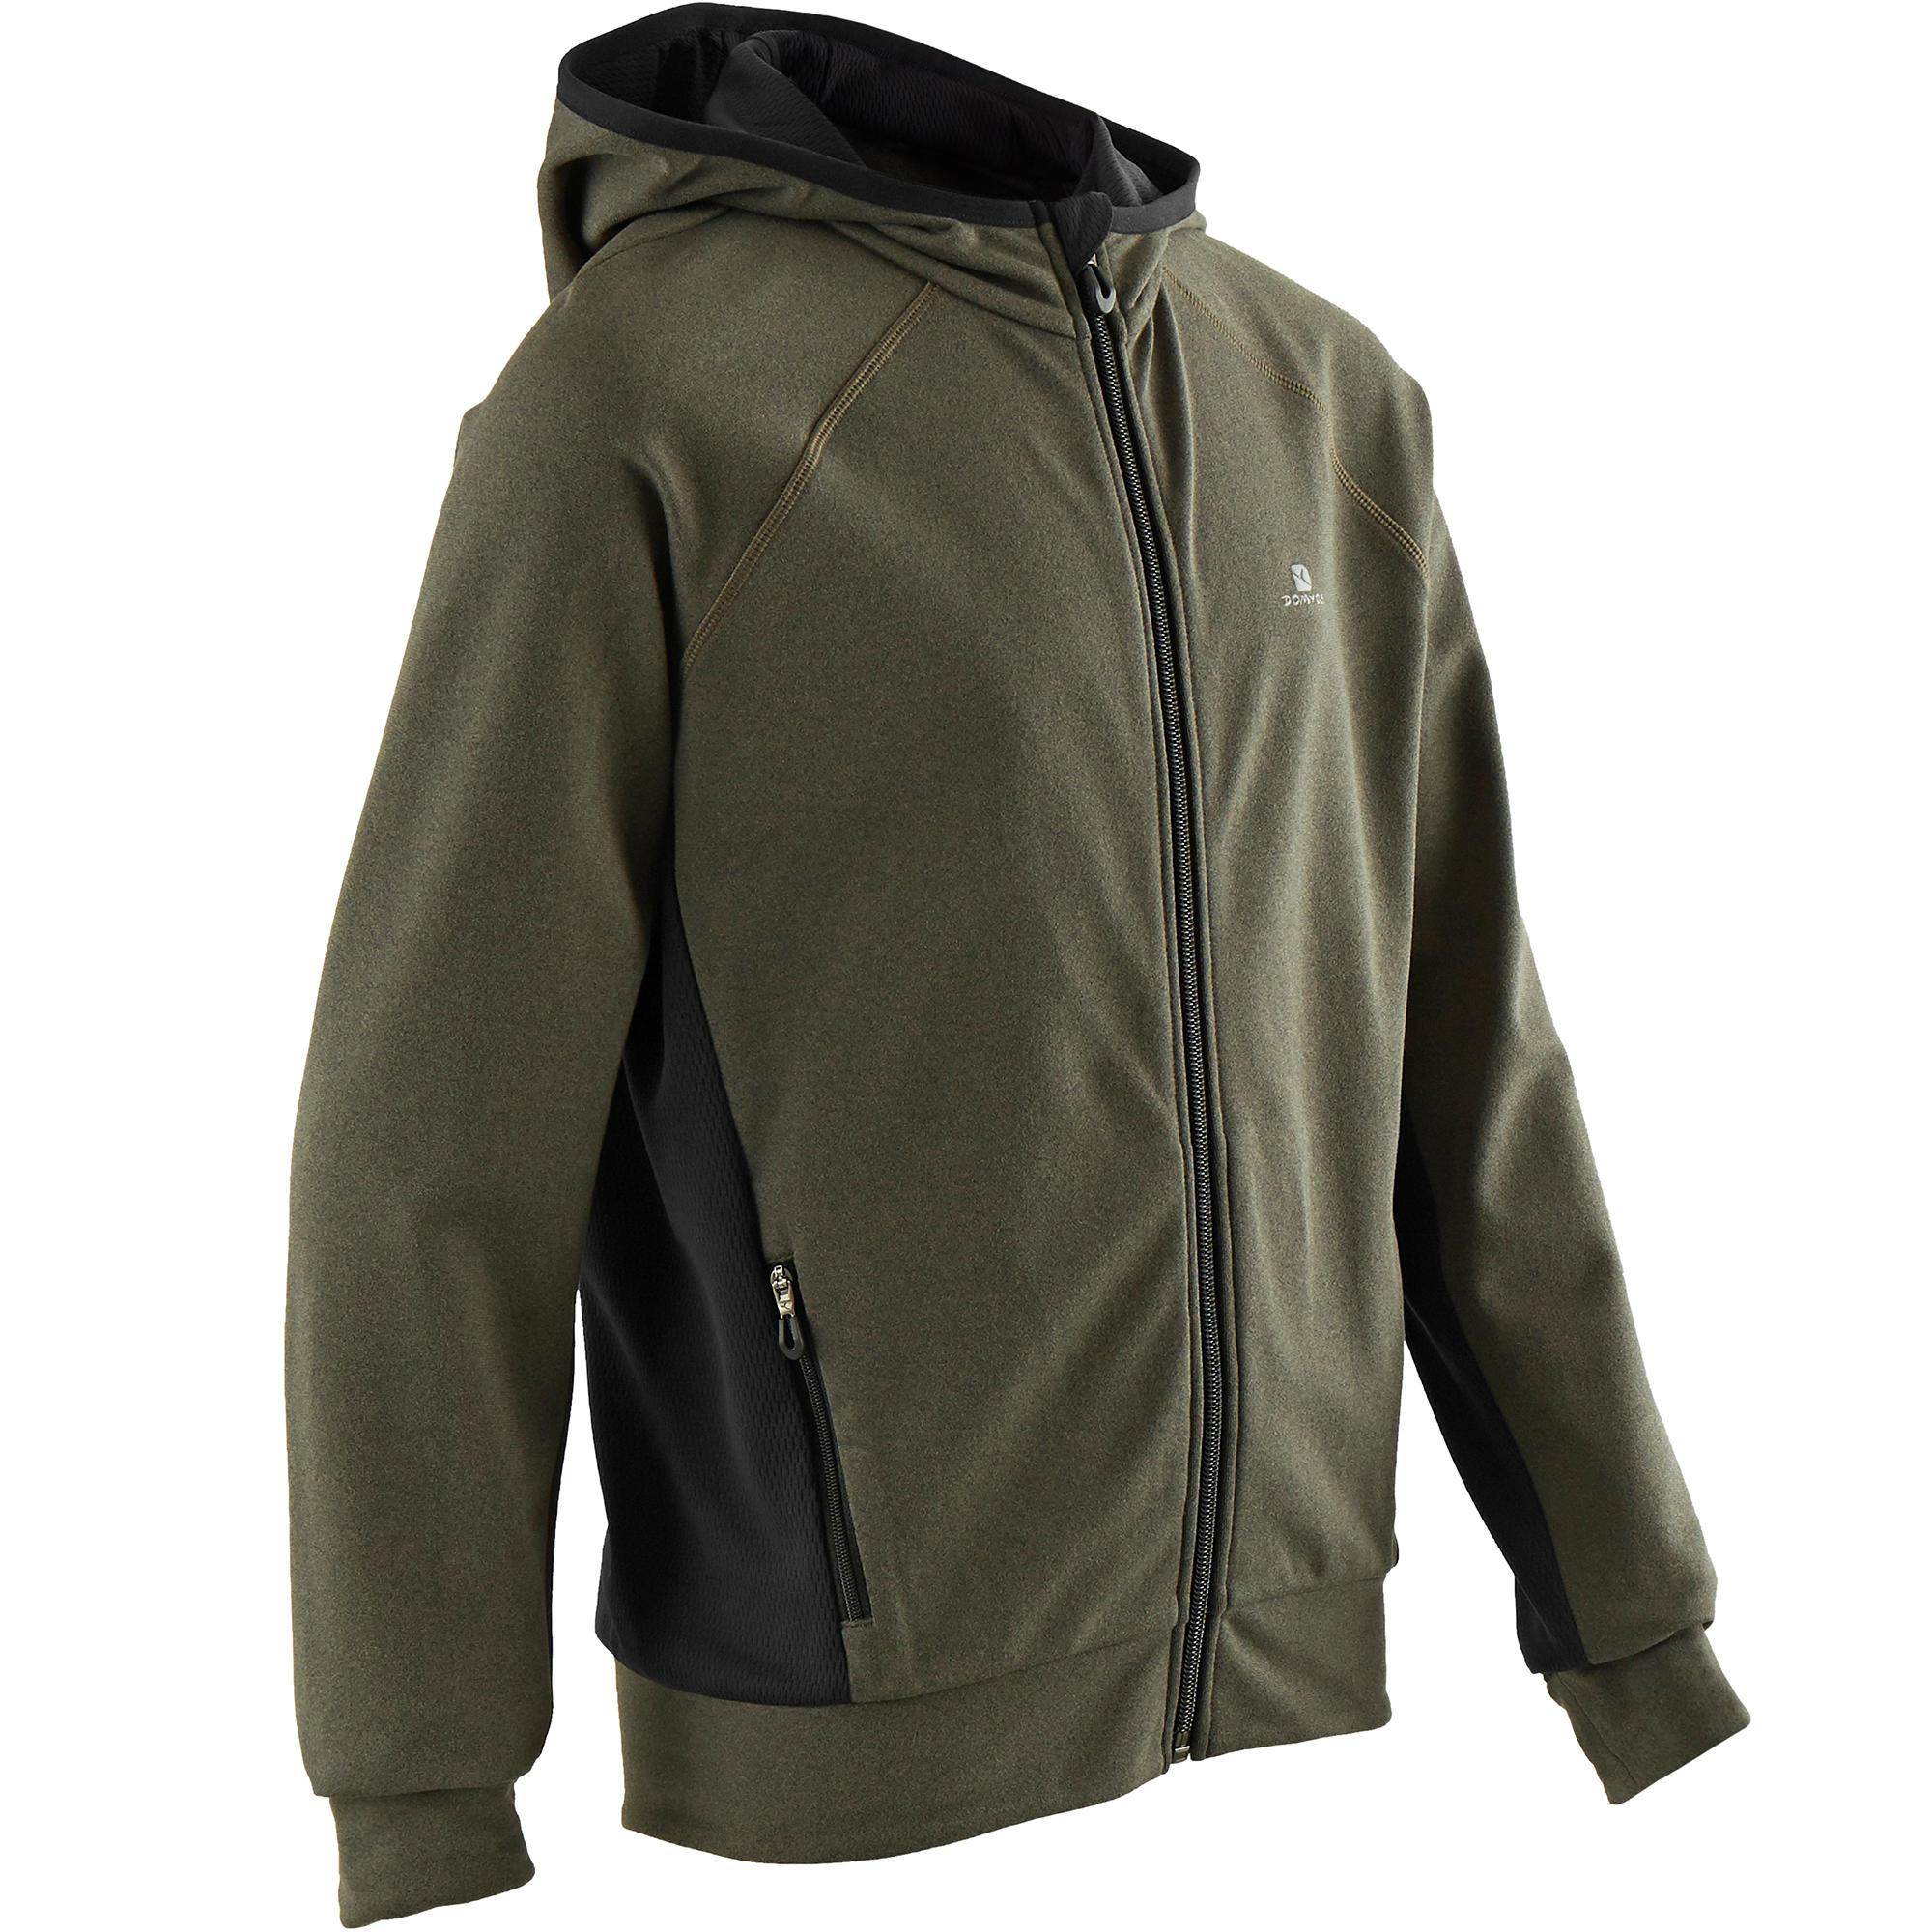 Chaqueta cálida capucha transpirable S900 niño GIMNASIA JÚNIOR caqui jaspeado